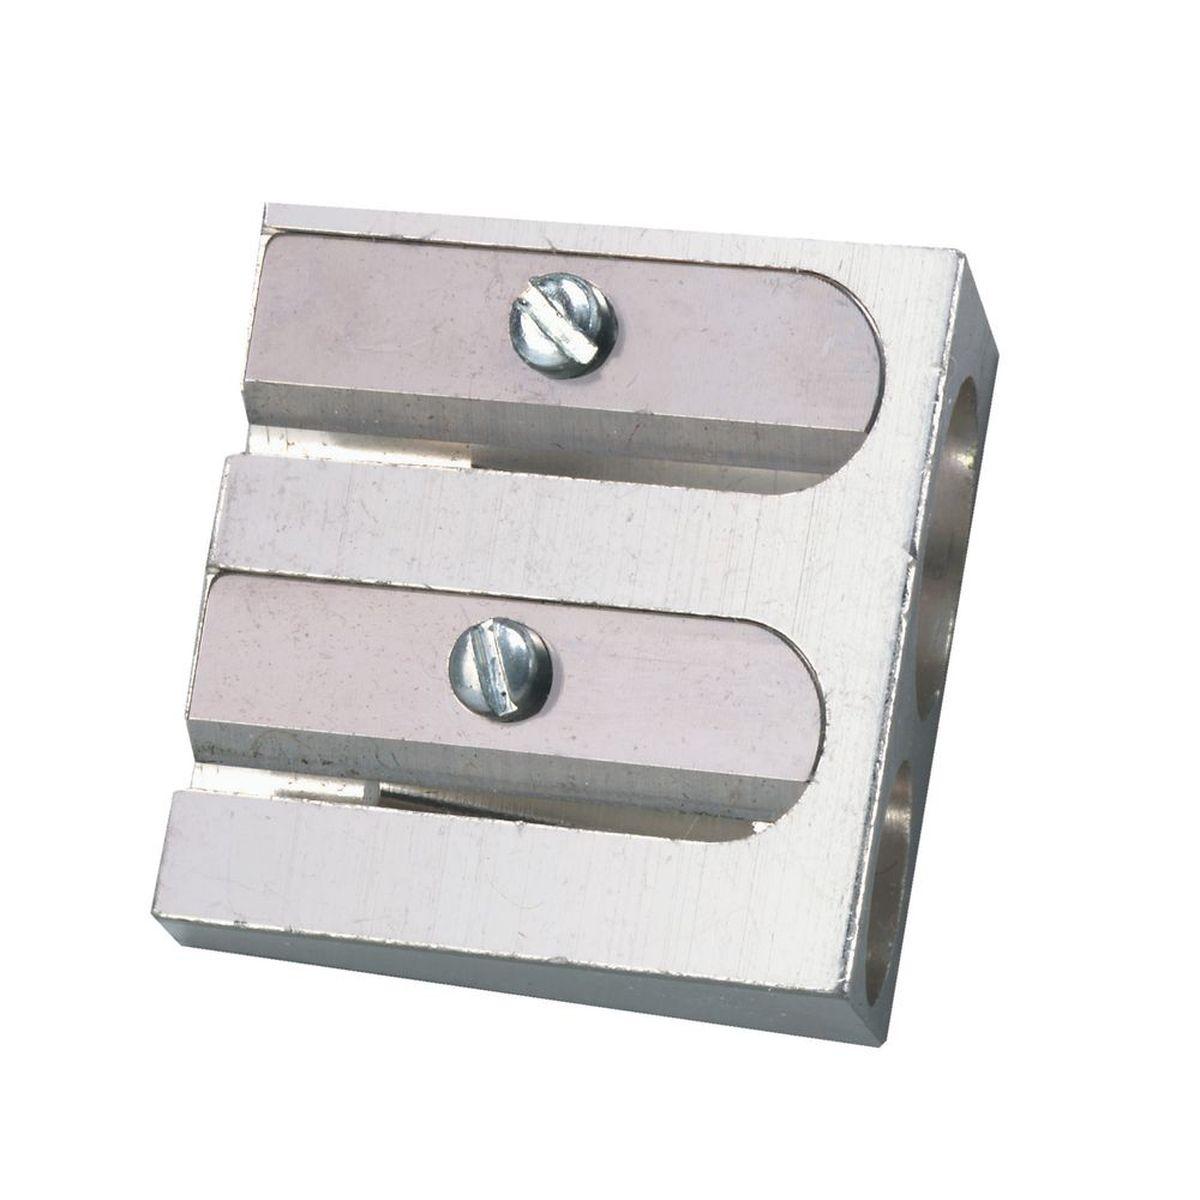 Точилка Herlitz с металлическим корпусом предназначена для затачивания карандашей.Точилка имеет два отверстия для карандашей различных диаметров 8 мм и 11 мм. Острое стальное лезвие обеспечивает качественную и точную заточку. Карандаш затачивается легко и аккуратно.Точилка Herlitz с двумя отверстиями пригодится любому школьнику или студенту.